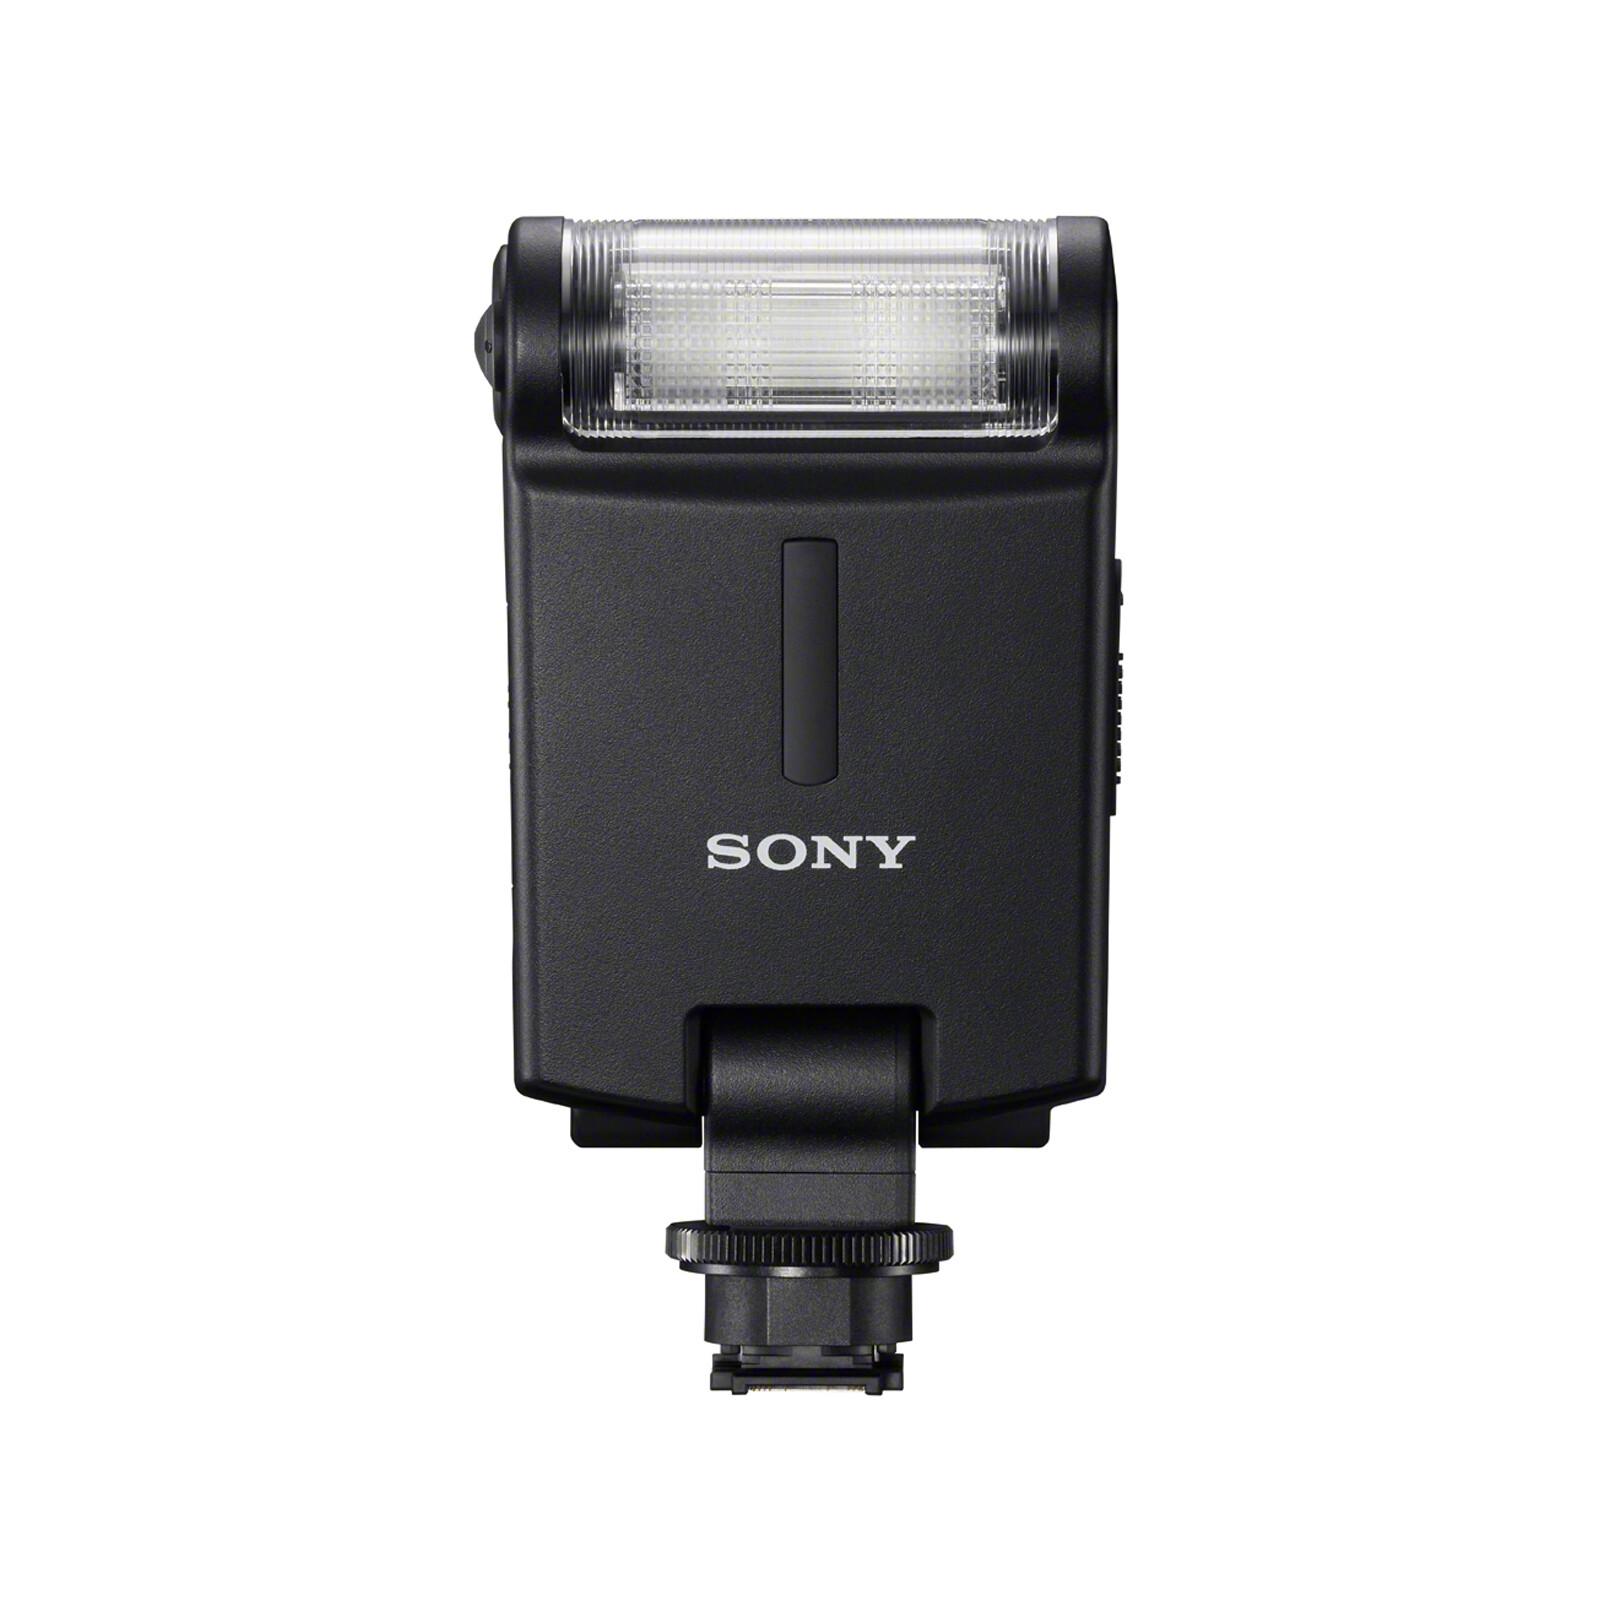 Sony HVL-F20M Blitz